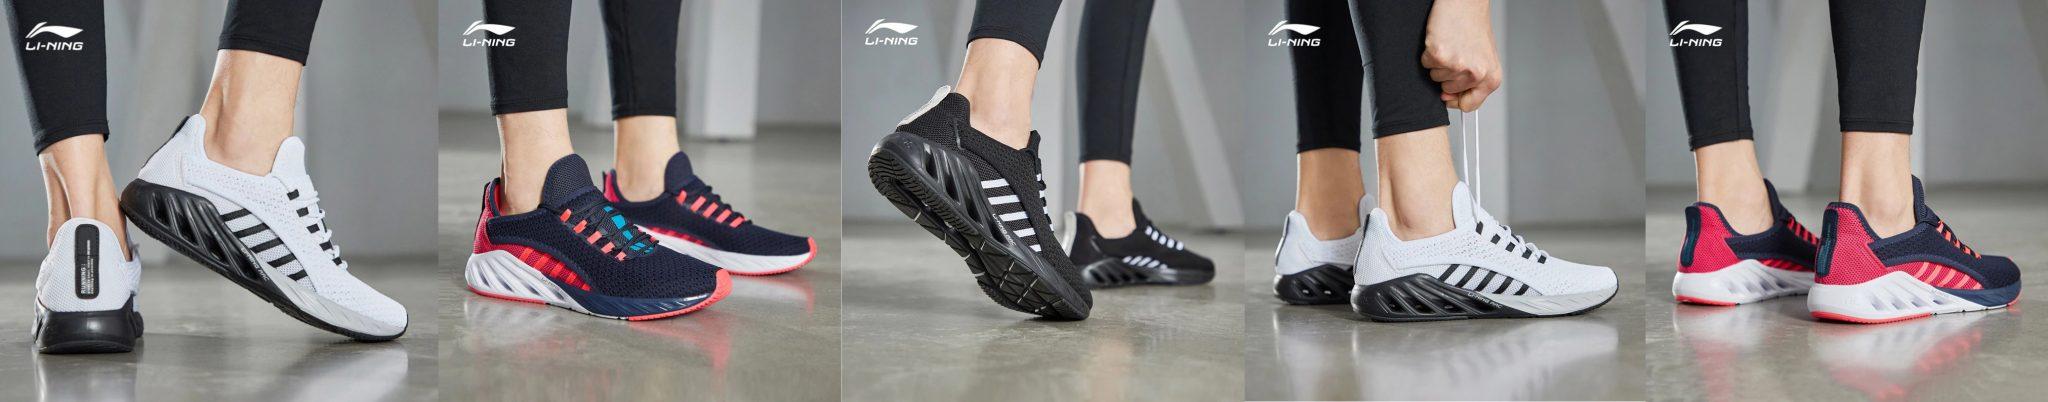 Li-Ning LN Arc cipő teszt 16